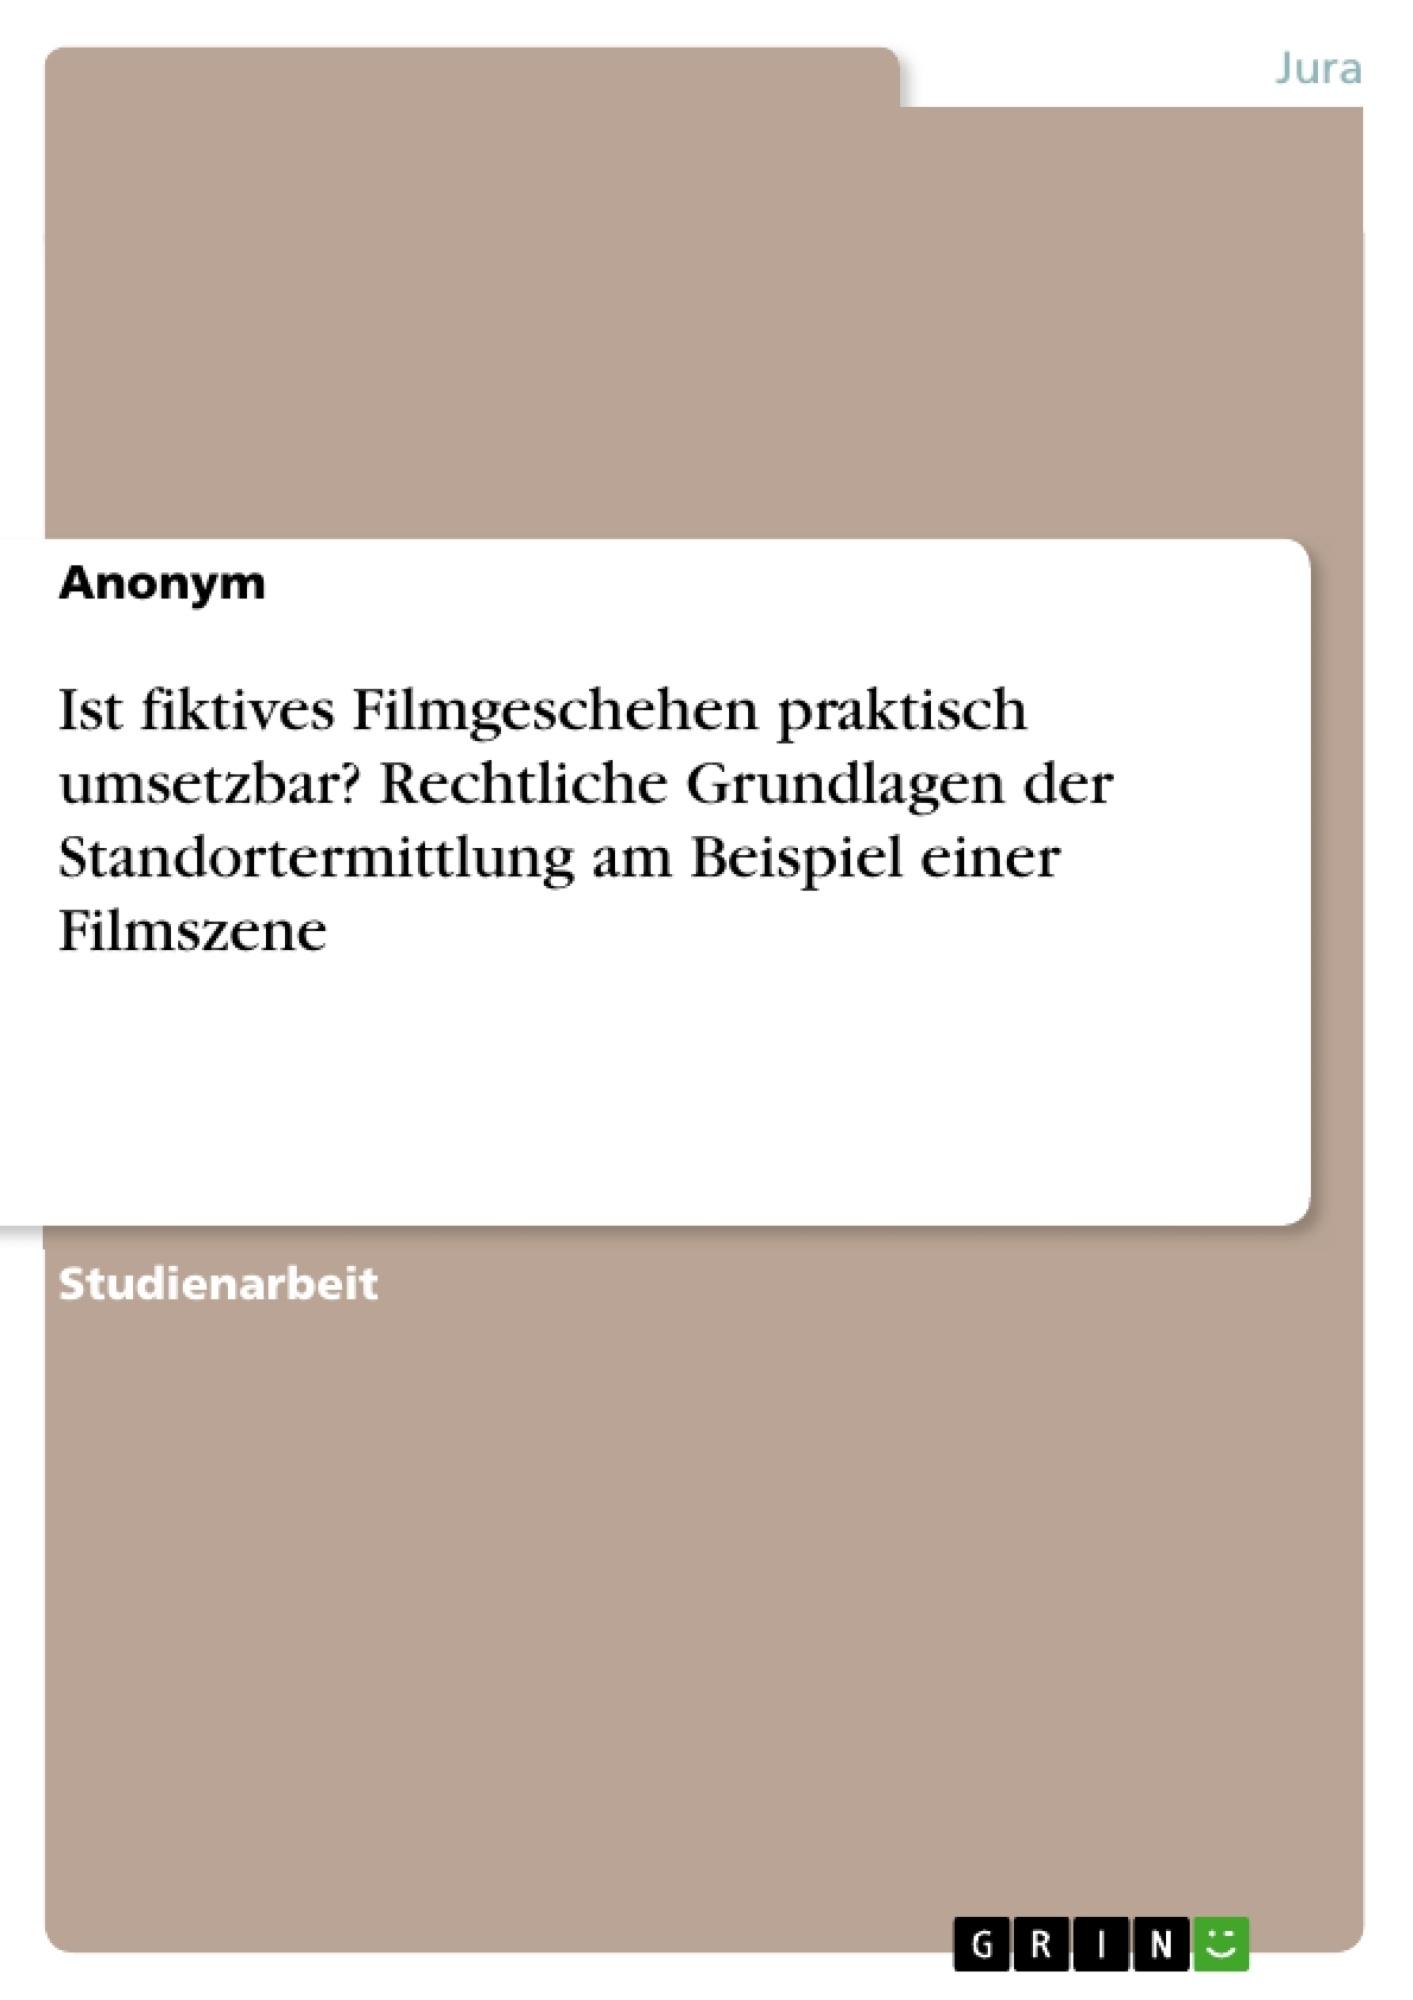 Titel: Ist fiktives Filmgeschehen praktisch umsetzbar? Rechtliche Grundlagen der Standortermittlung am Beispiel einer Filmszene